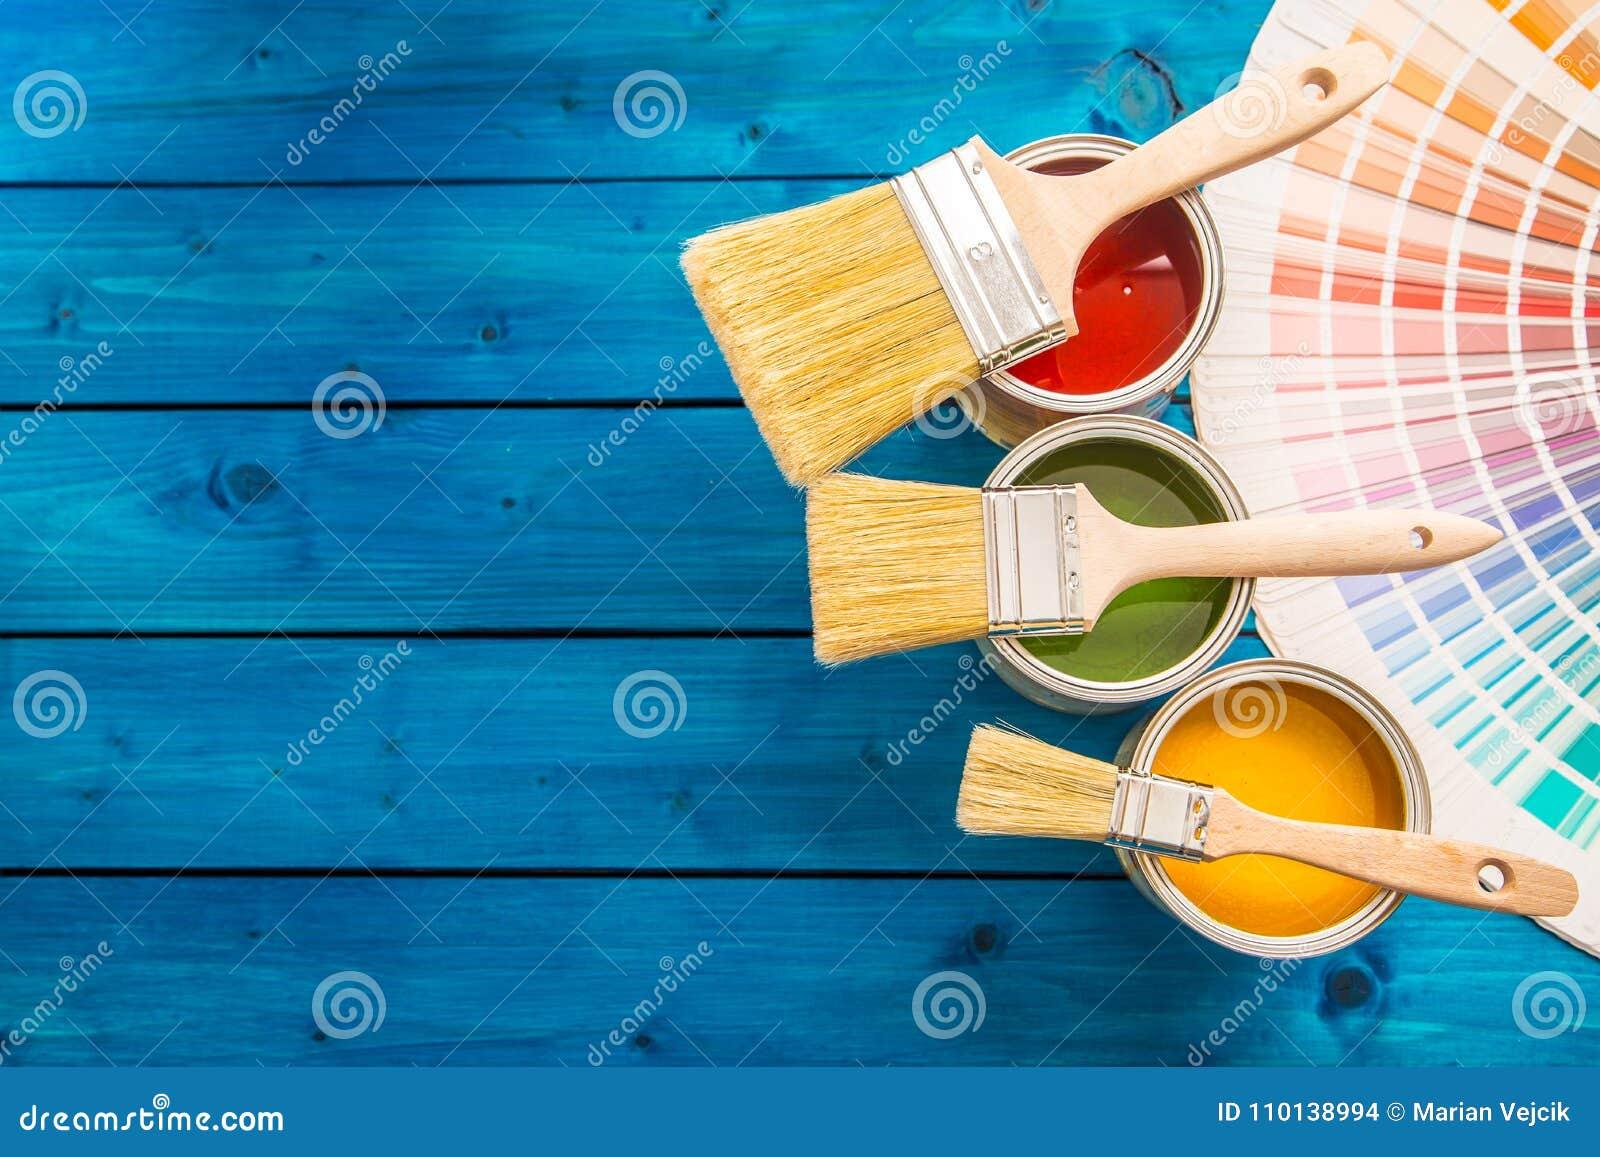 Pinte las latas paleta de colores, latas abiertas con los cepillos en la tabla azul